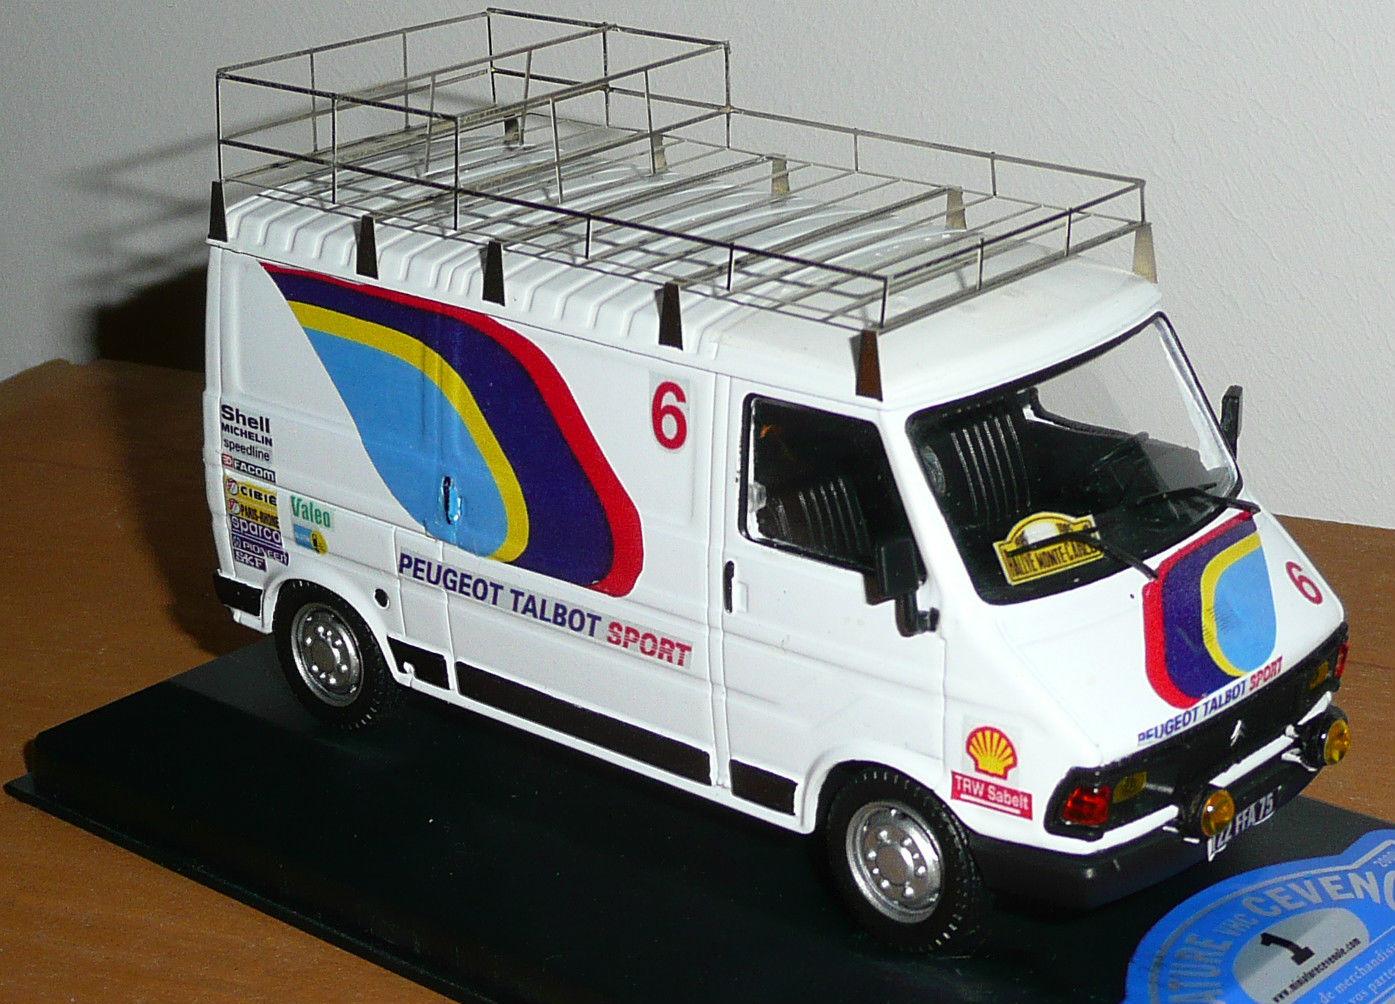 camion d assistance c35 peugeot talbot sport 1 43eme. Black Bedroom Furniture Sets. Home Design Ideas